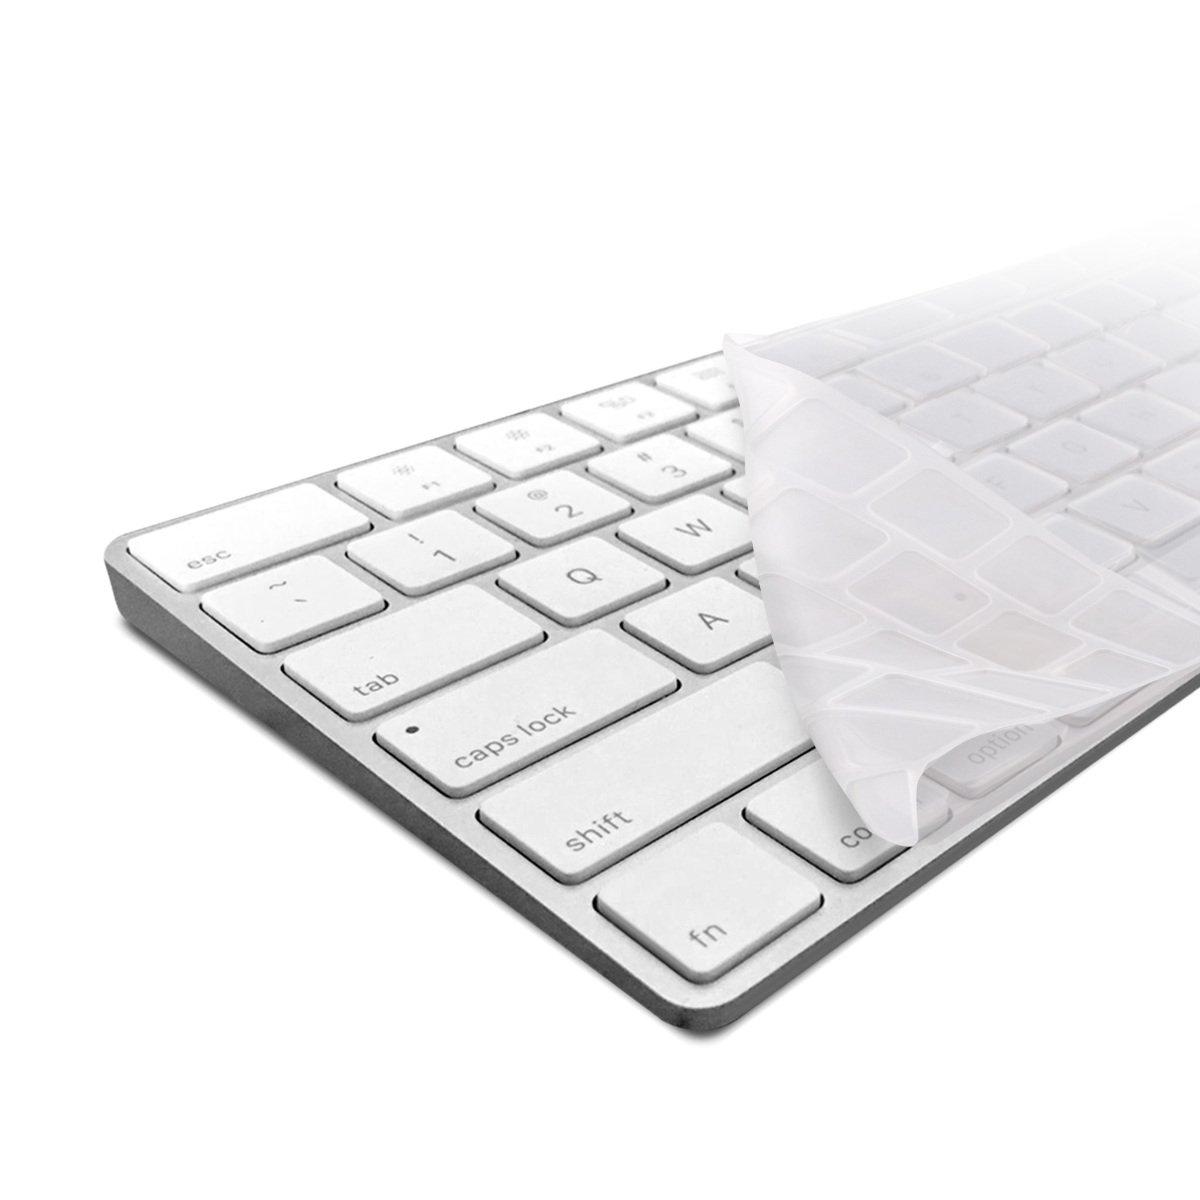 kwmobile Protection de Clavier QWERTY (US) Robuste, Fine en Silicone pour Apple Magic Keyboard en Transparent - Protection Effective Contre saleté et Usure KW-Commerce 37224.03_m000108